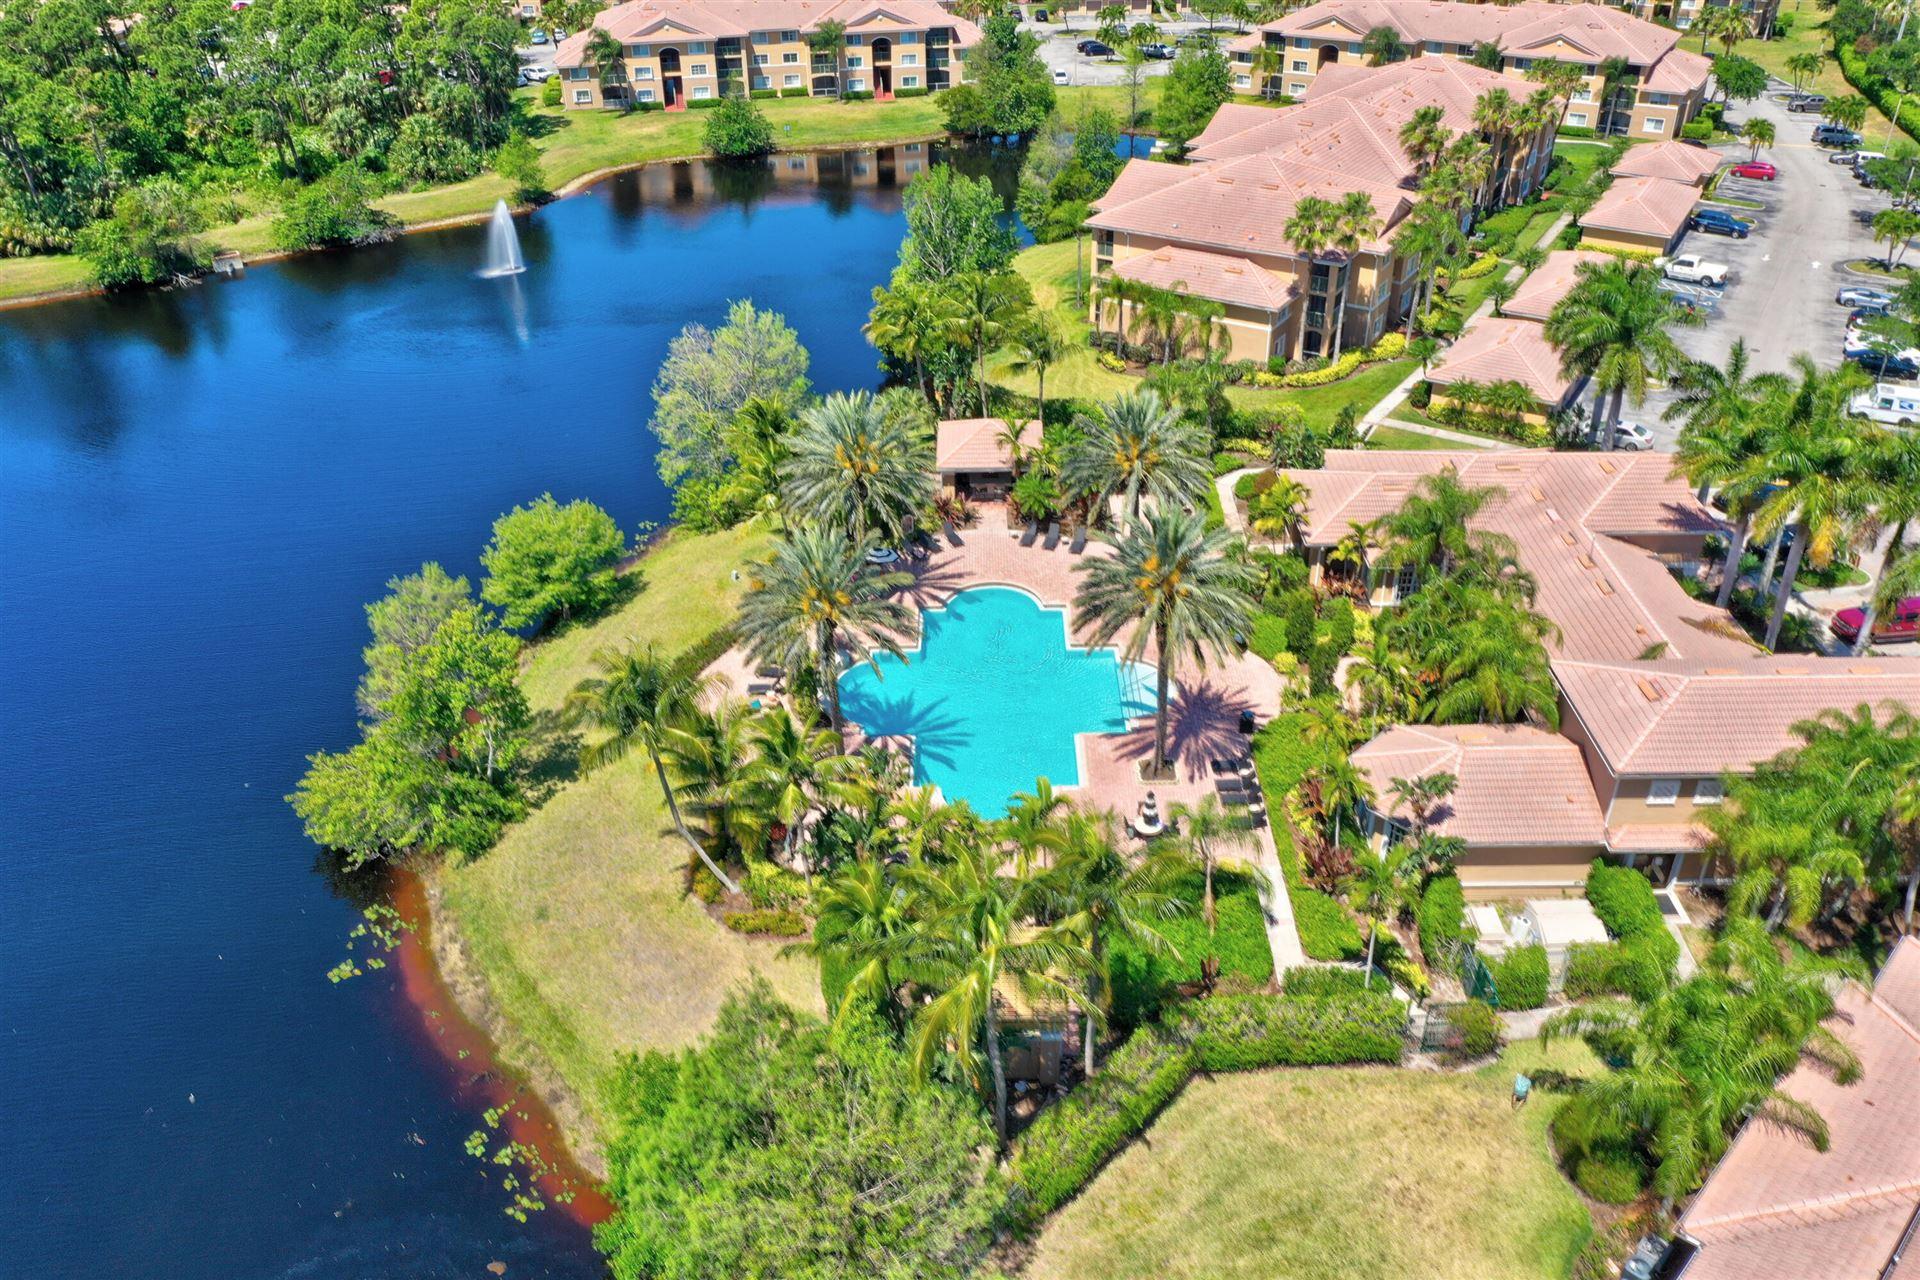 3641 NW Mediterranean Lane #Bldg 13 - Unit 104, Jensen Beach, FL 34957 - #: RX-10707847